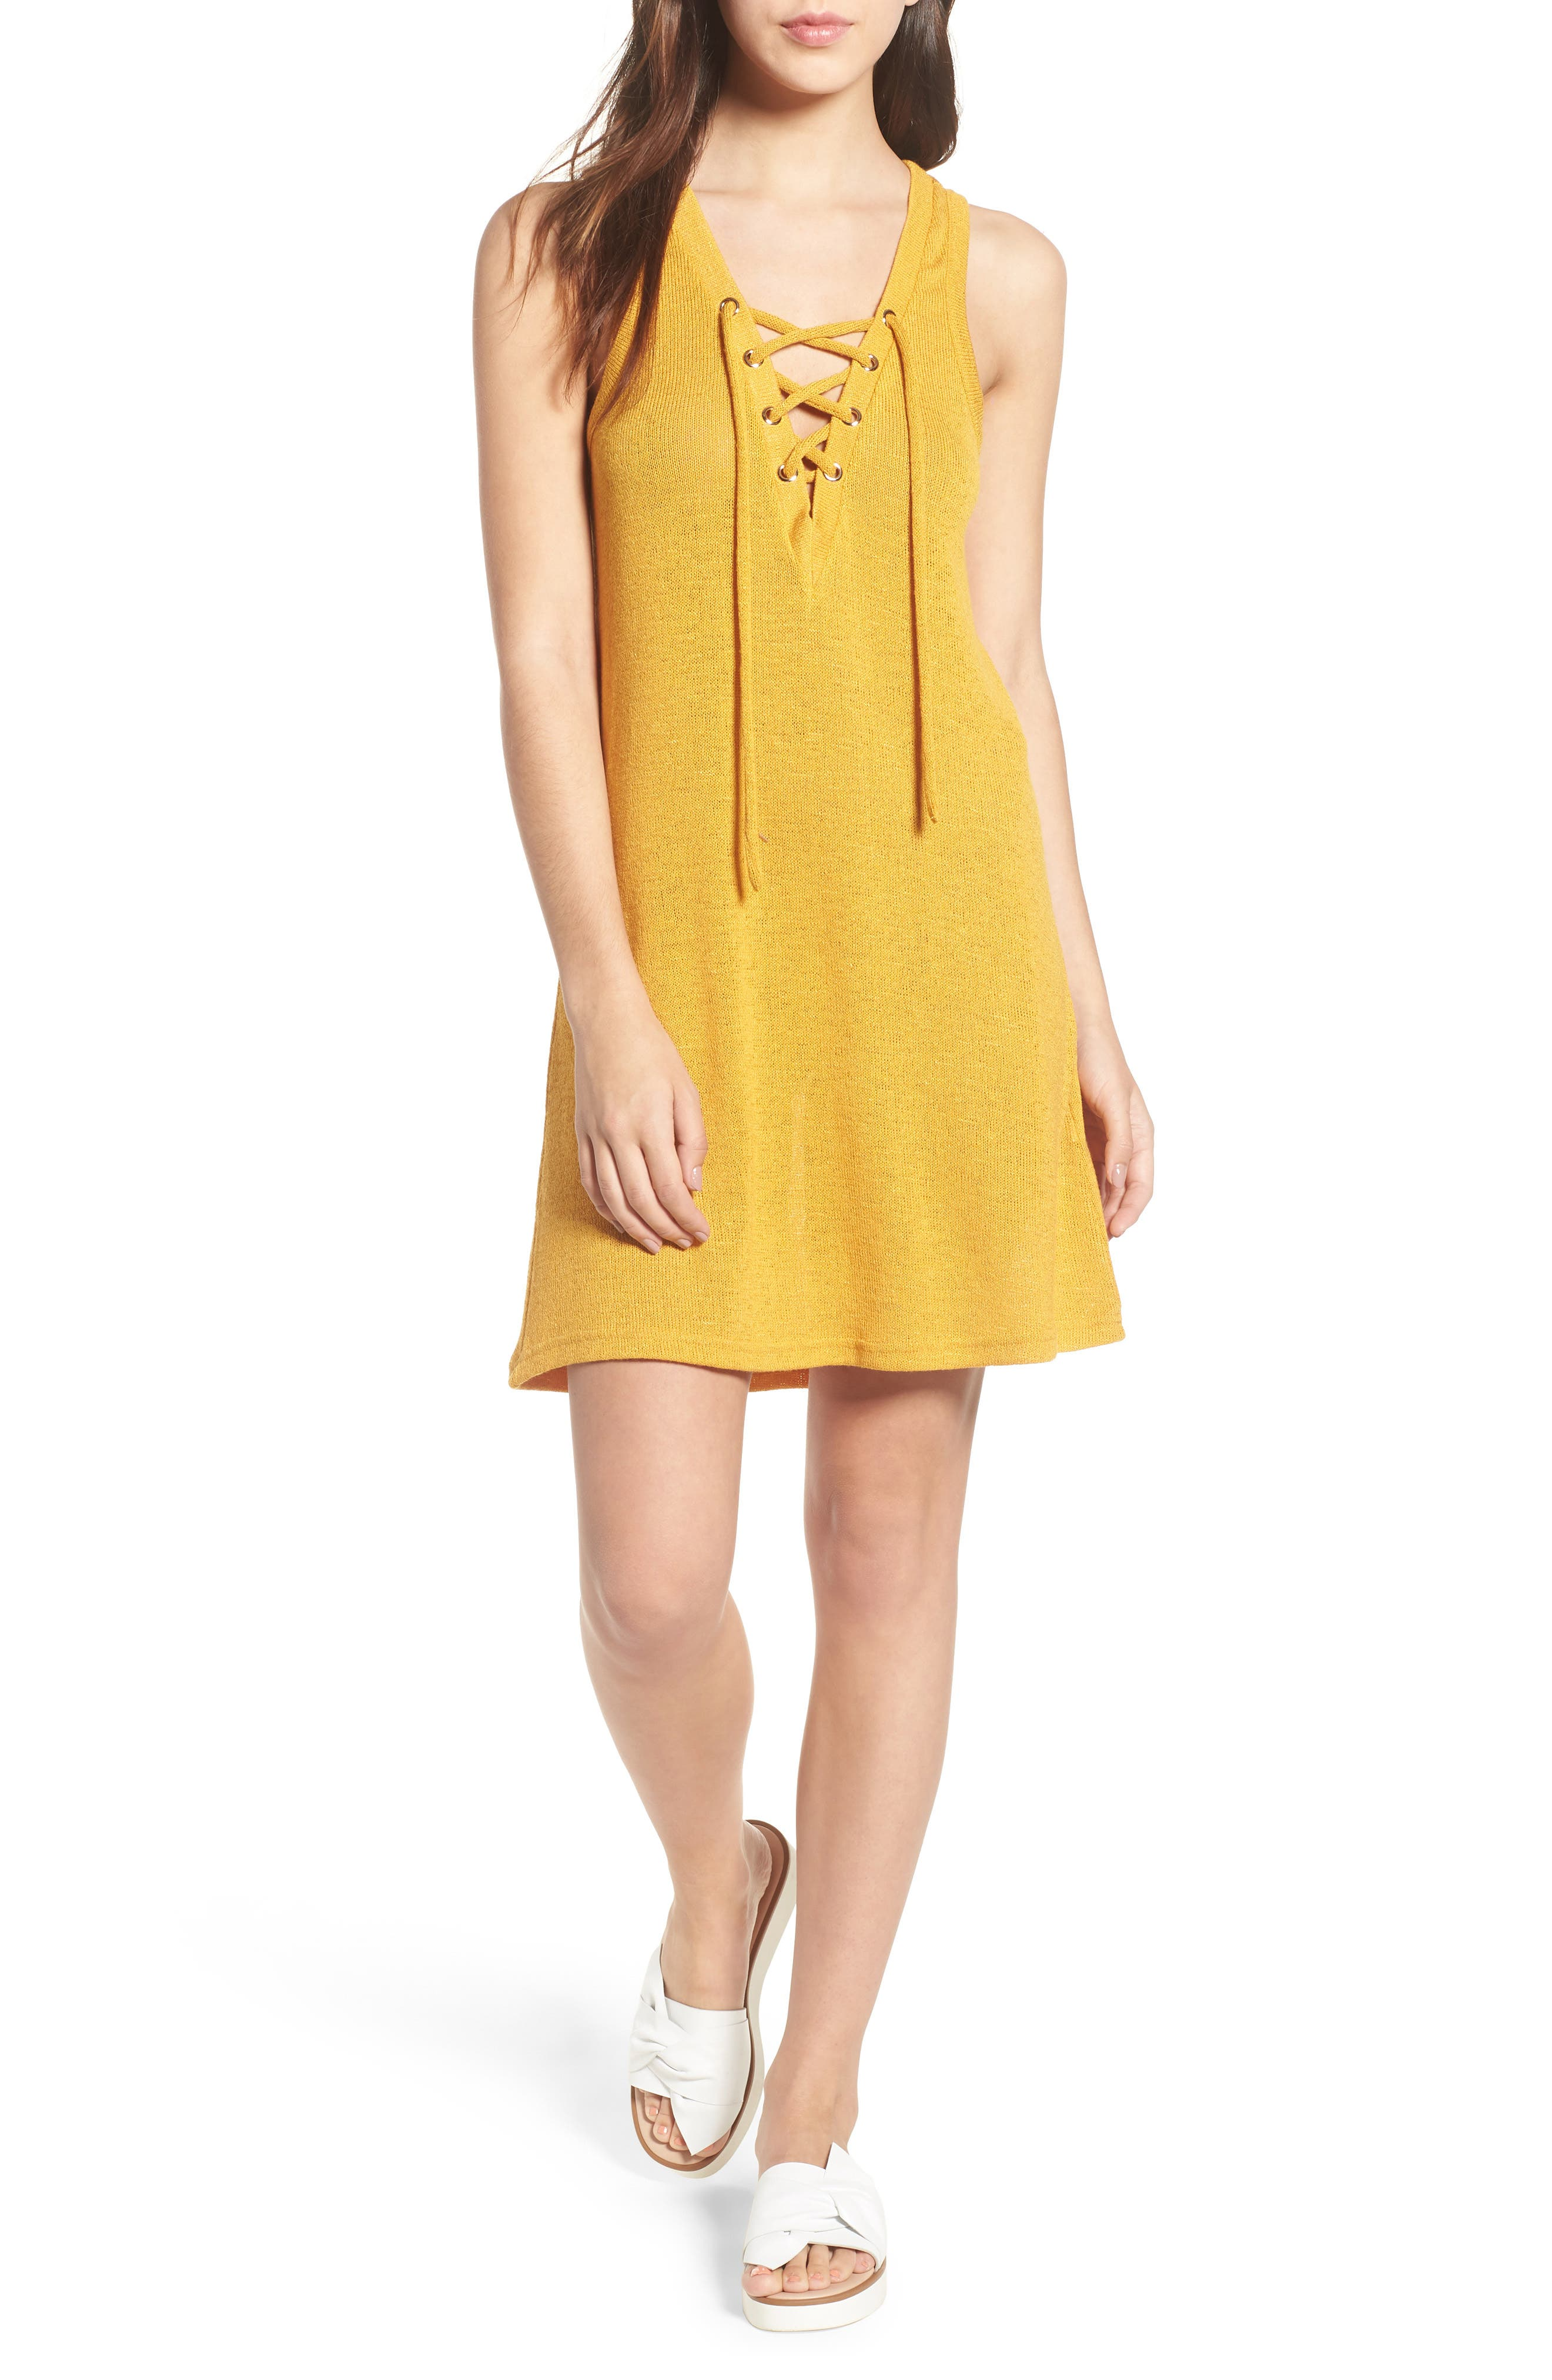 Heat Rising Lace-Up Dress,                             Main thumbnail 1, color,                             Saffron